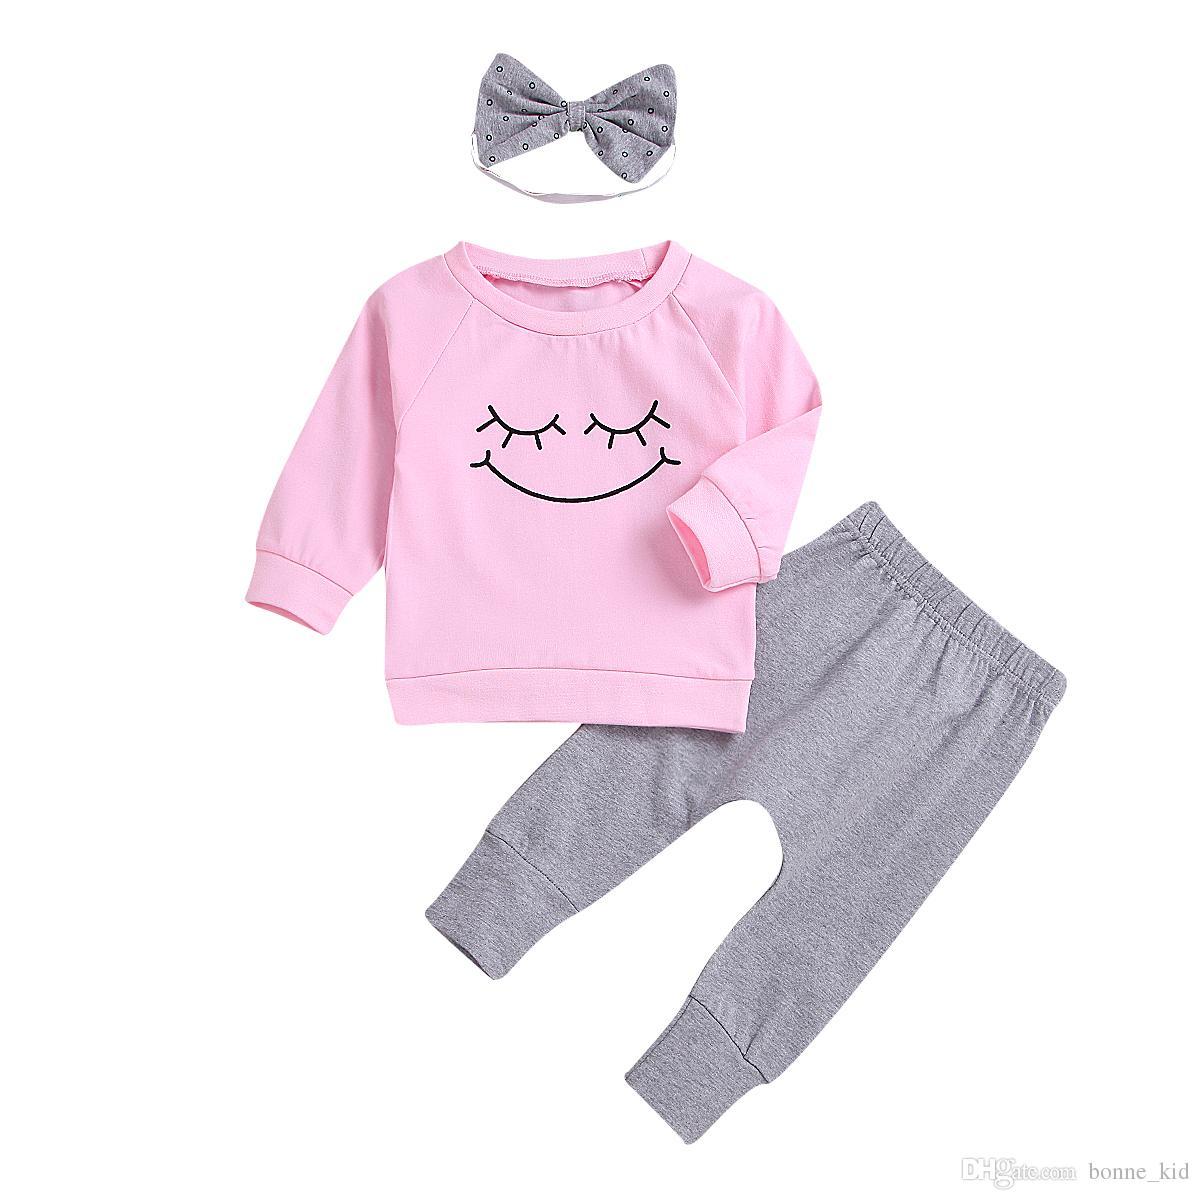 4ea7686d6a9a6 Acheter Bébé Fille Vêtements Sourire Rose Tops Pantalon Bandeau Tenues 3  Pièces Un Ensemble Belles Filles Bébé Enfant Vêtements Costumes En Gros De   10.86 ...